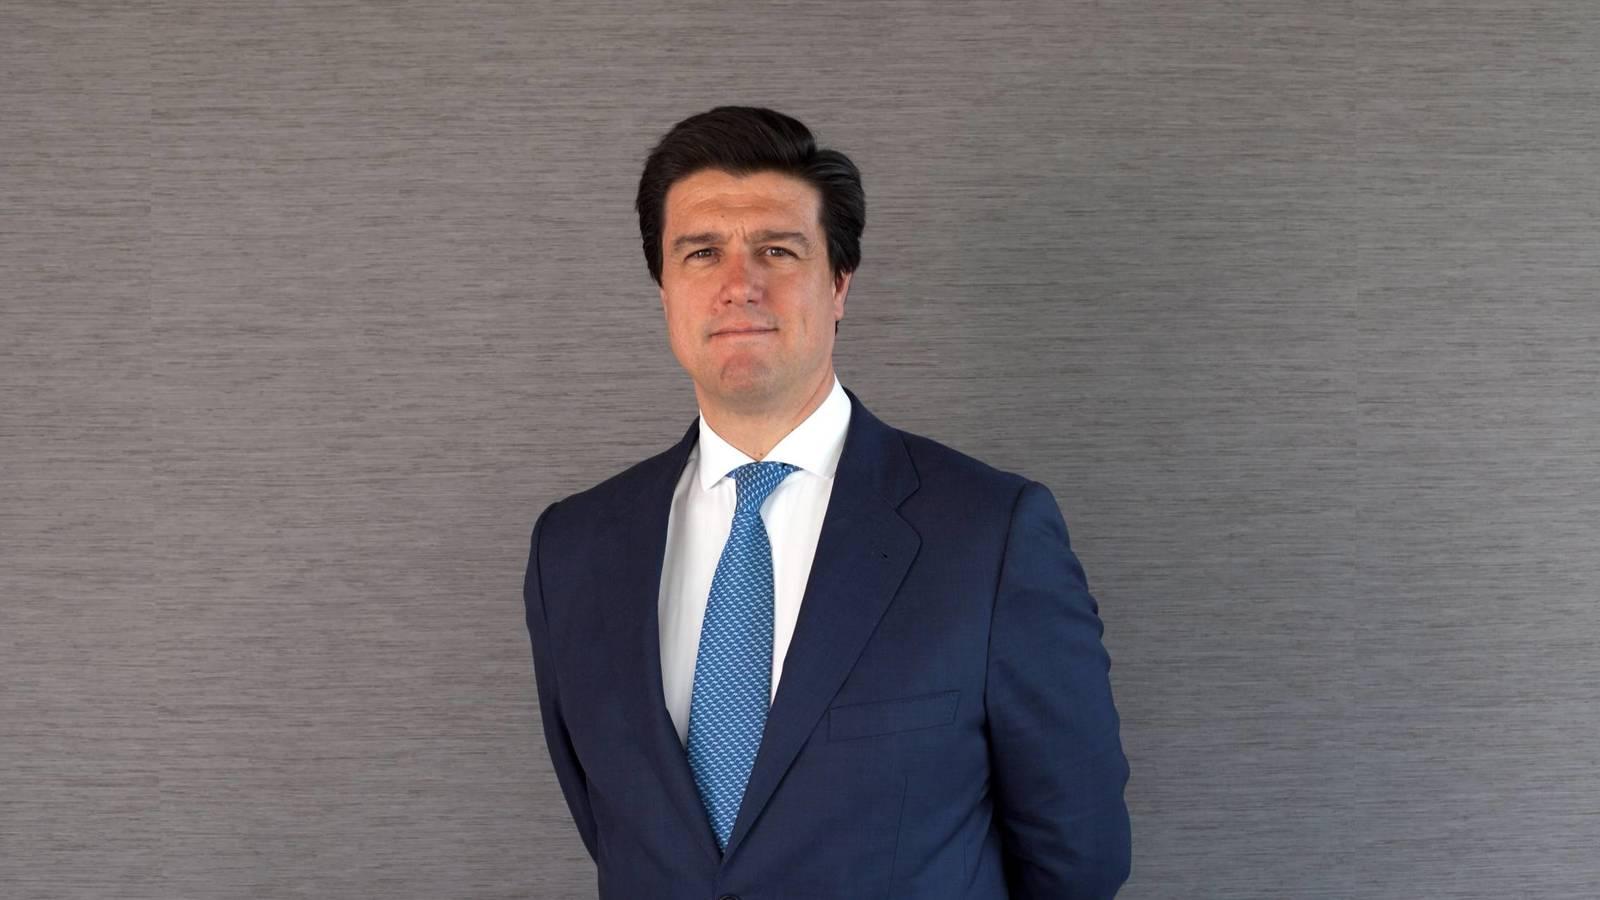 El consejero delegado de Merlin Properties, Ismael Clemente